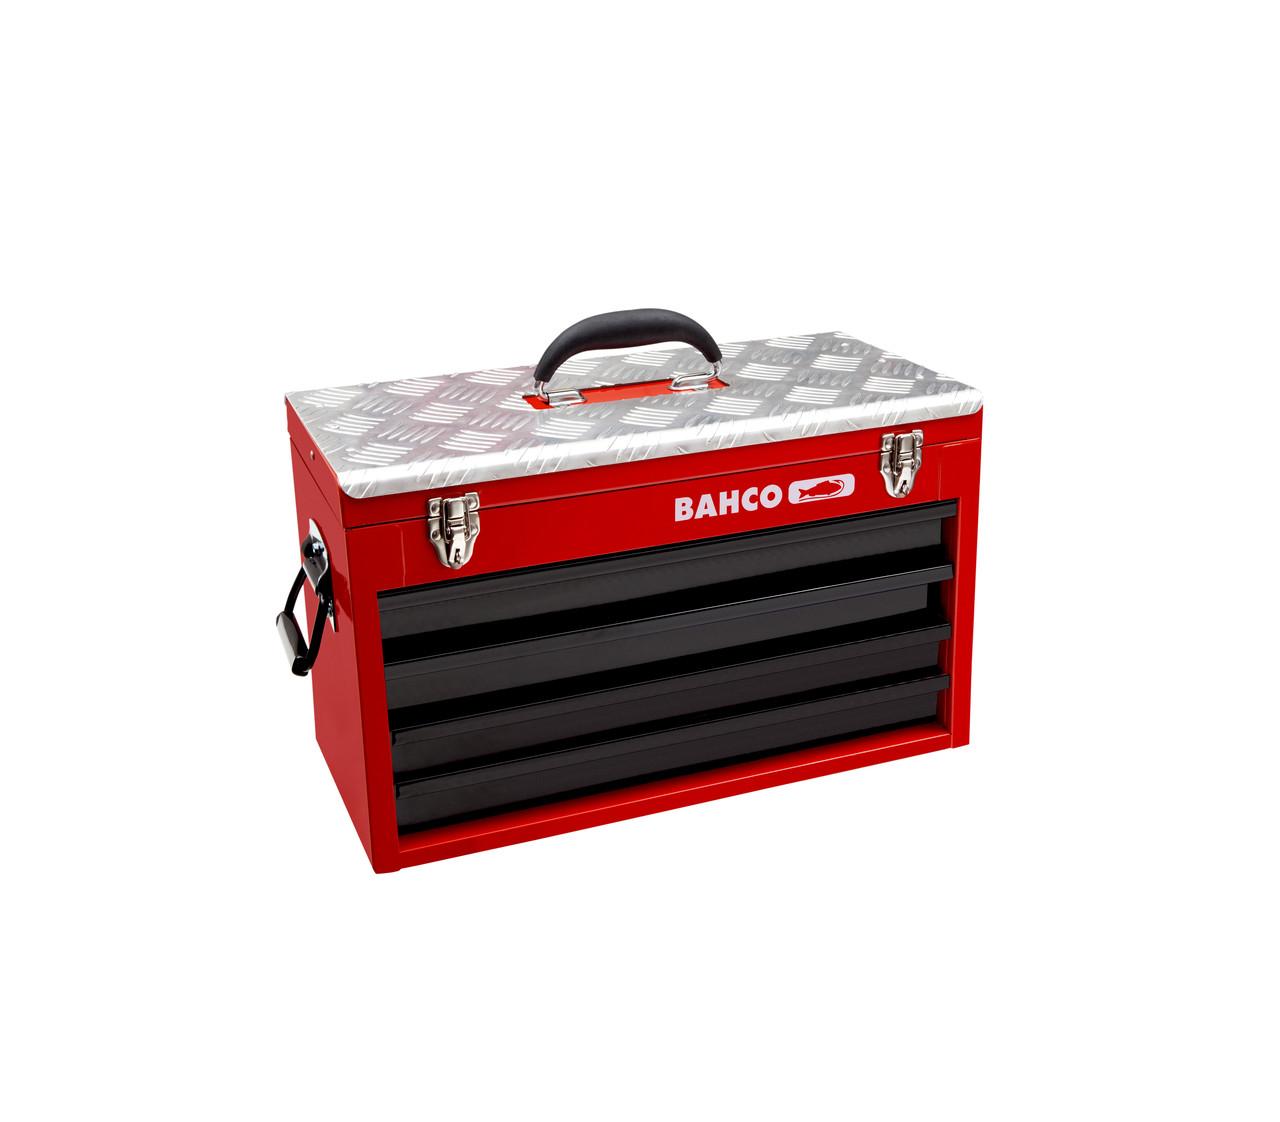 Ящик з висувними секціями, Bahco, 1483KHD4RB